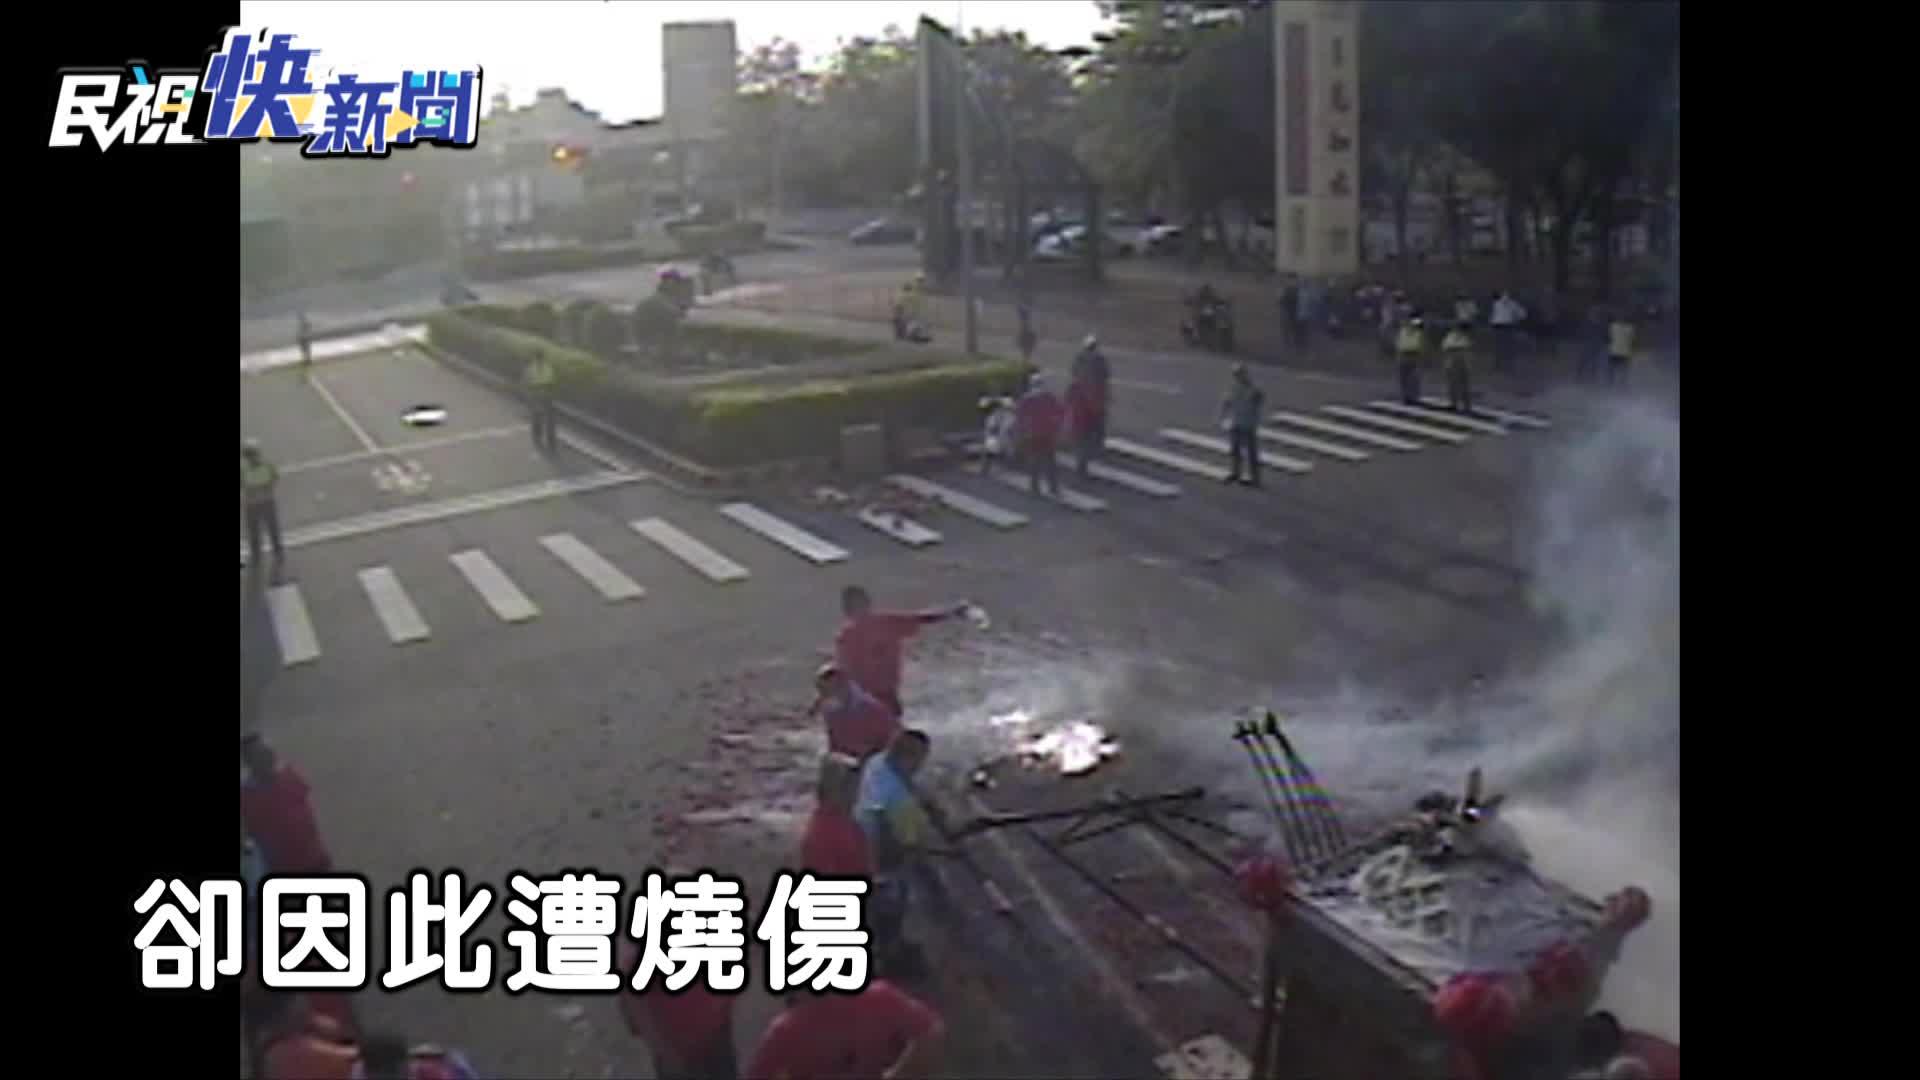 快新聞/「炸神轎」致大火 轎班人員嚇壞四處逃竄